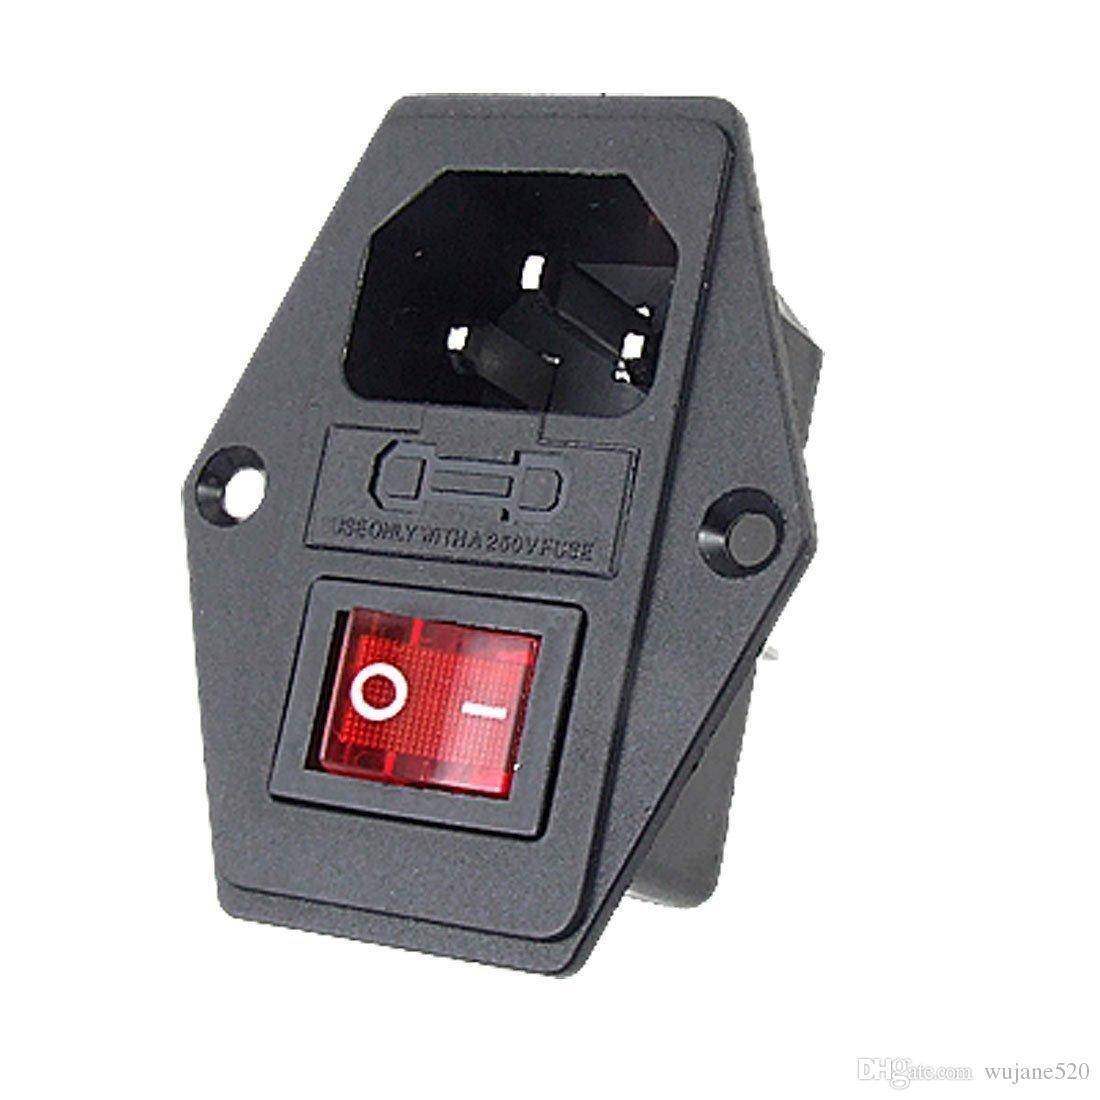 입구 모듈 3 핀 남성 전원 커넥터 소켓 플러그 퓨즈 스위치 포함 IEC320 C14 산업 제어용 적색 / 녹색